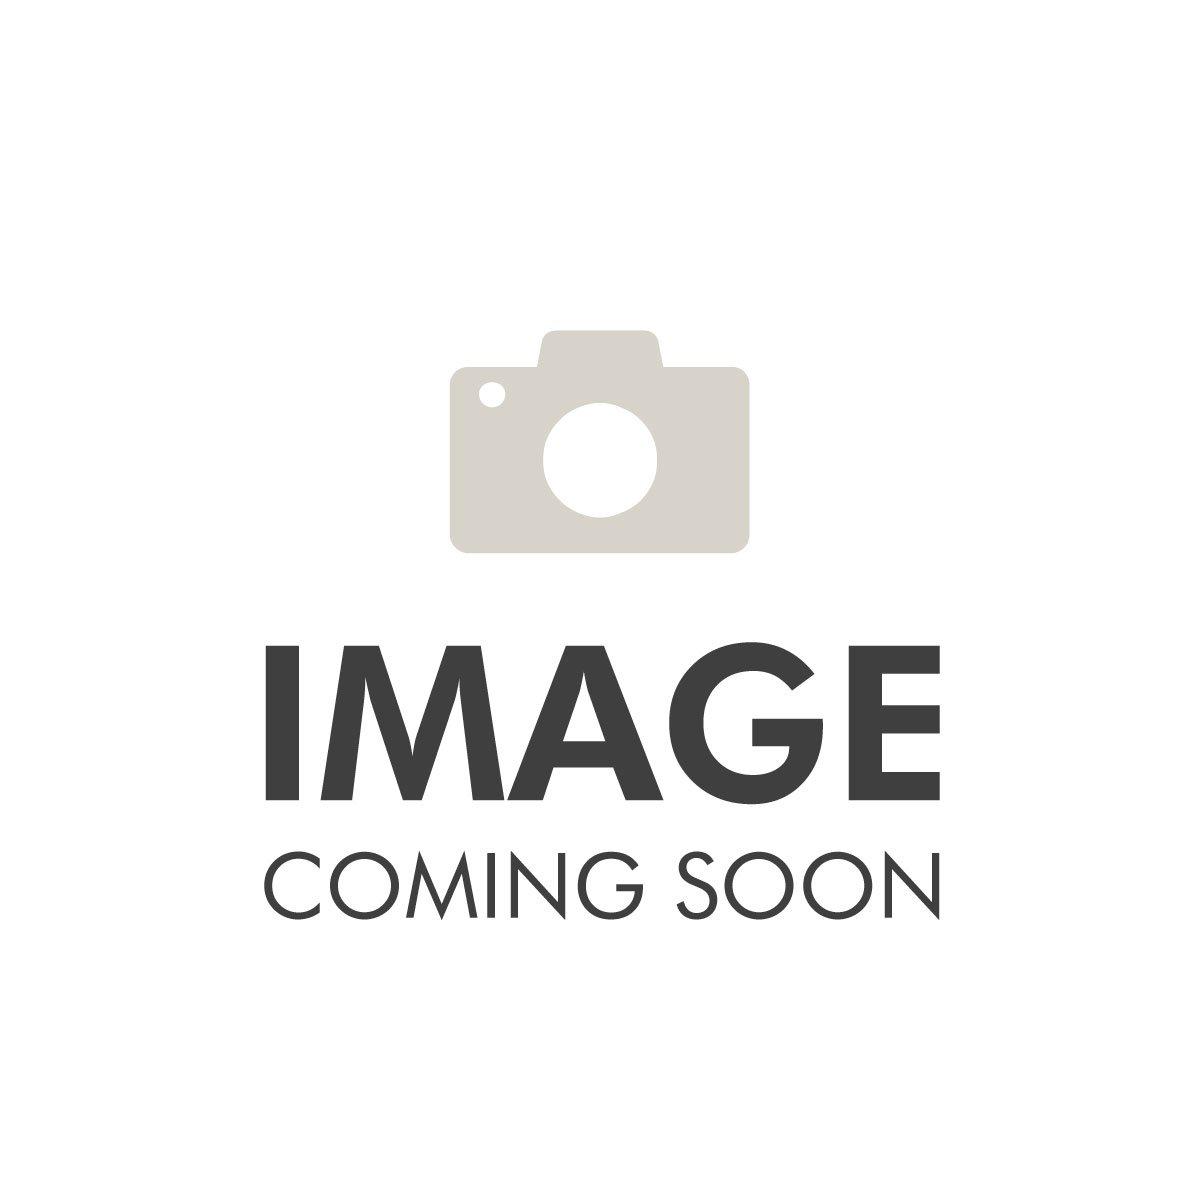 Allstar - Coquille de fleuret - Inox